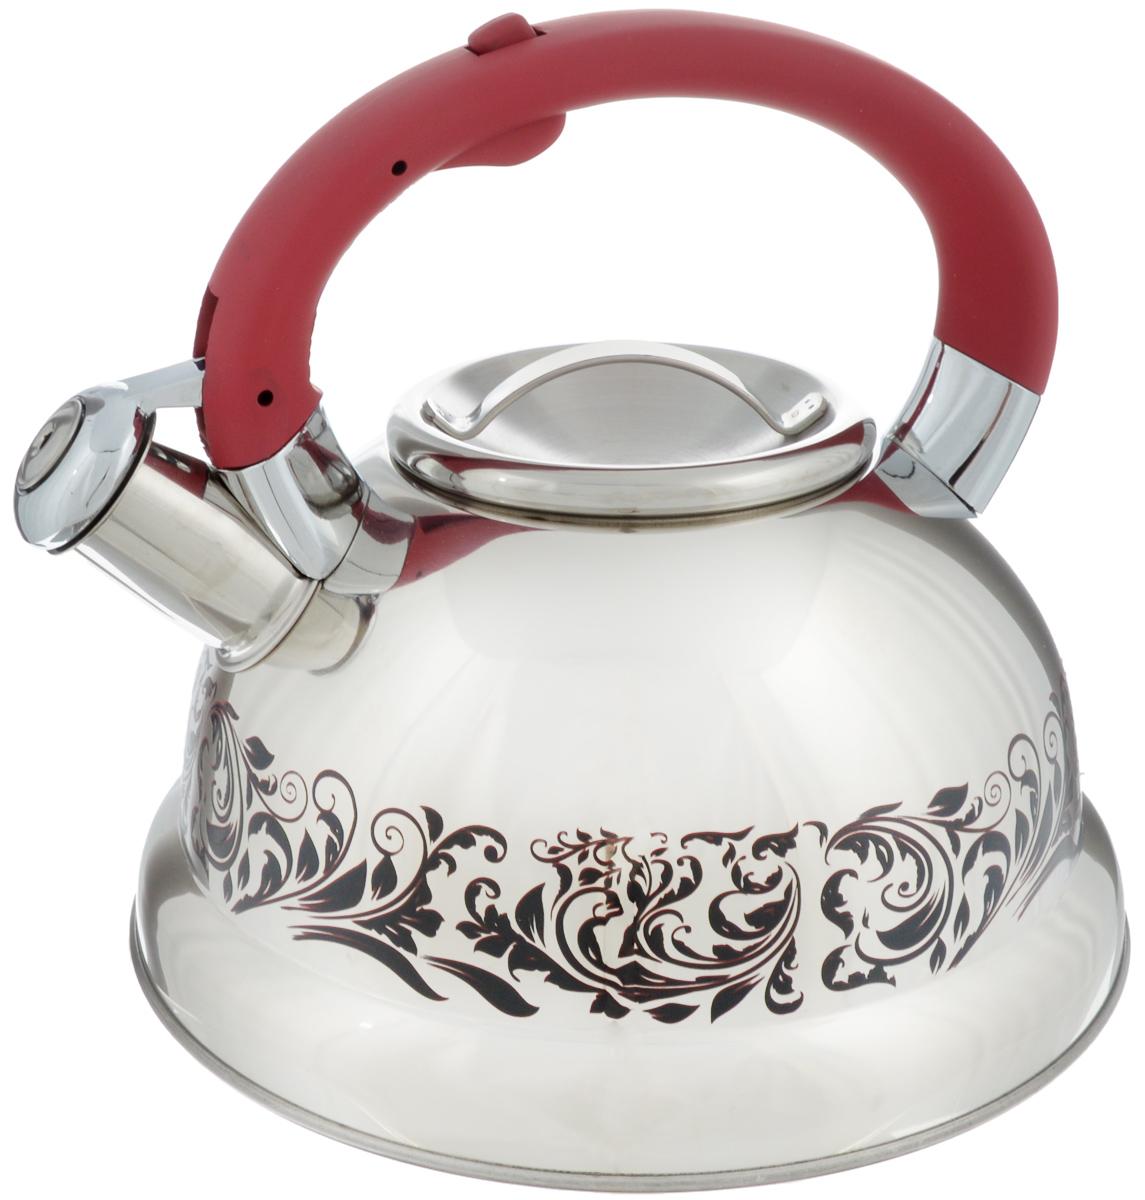 Чайник Mayer & Boch, со свистком, цвет: стальной, бордовый, 2,6 л. 2341423414Чайник Mayer & Boch выполнен из высококачественной нержавеющей стали, что обеспечивает долговечность использования. Изделие оформлено изящным рисунком, который одновременно является и индикатором цвета - при нагревании рисунок на корпусе меняет цвет. Ручка из бакелита с покрытием soft- touch делает использование чайника очень удобным и безопасным. Чайник снабжен свистком и кнопкой для открывания носика. Пригоден для использования на всех видах плит, включая индукционные. Можно мыть в посудомоечной машине. Диаметр чайника по верхнему краю: 10 см. Высота чайника (без учета ручки): 11 см. Высота чайника (с учетом ручки): 20,5 см.